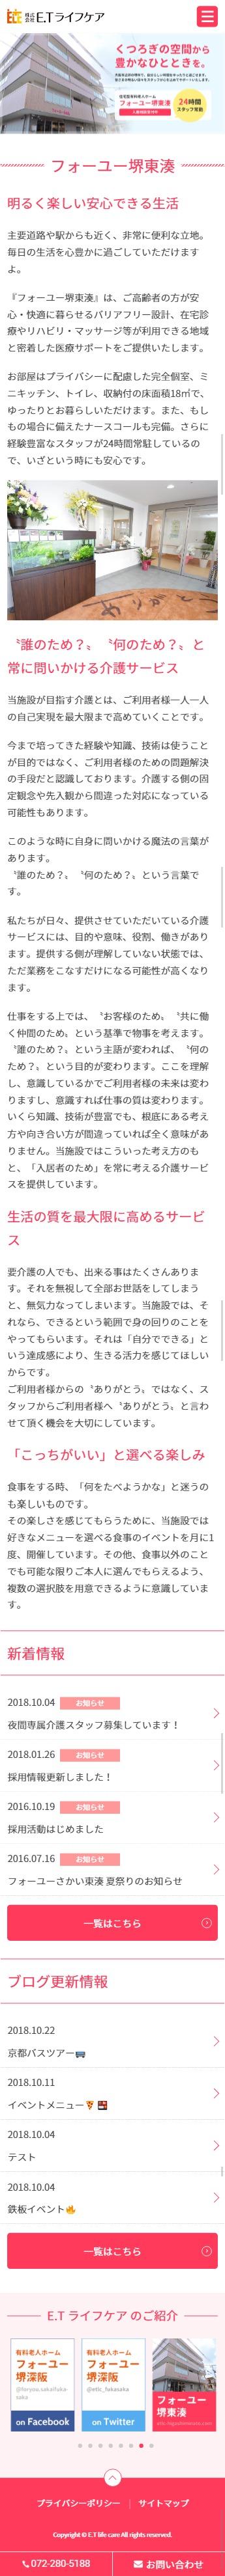 フォーユー堺東湊 様 スマホサイト